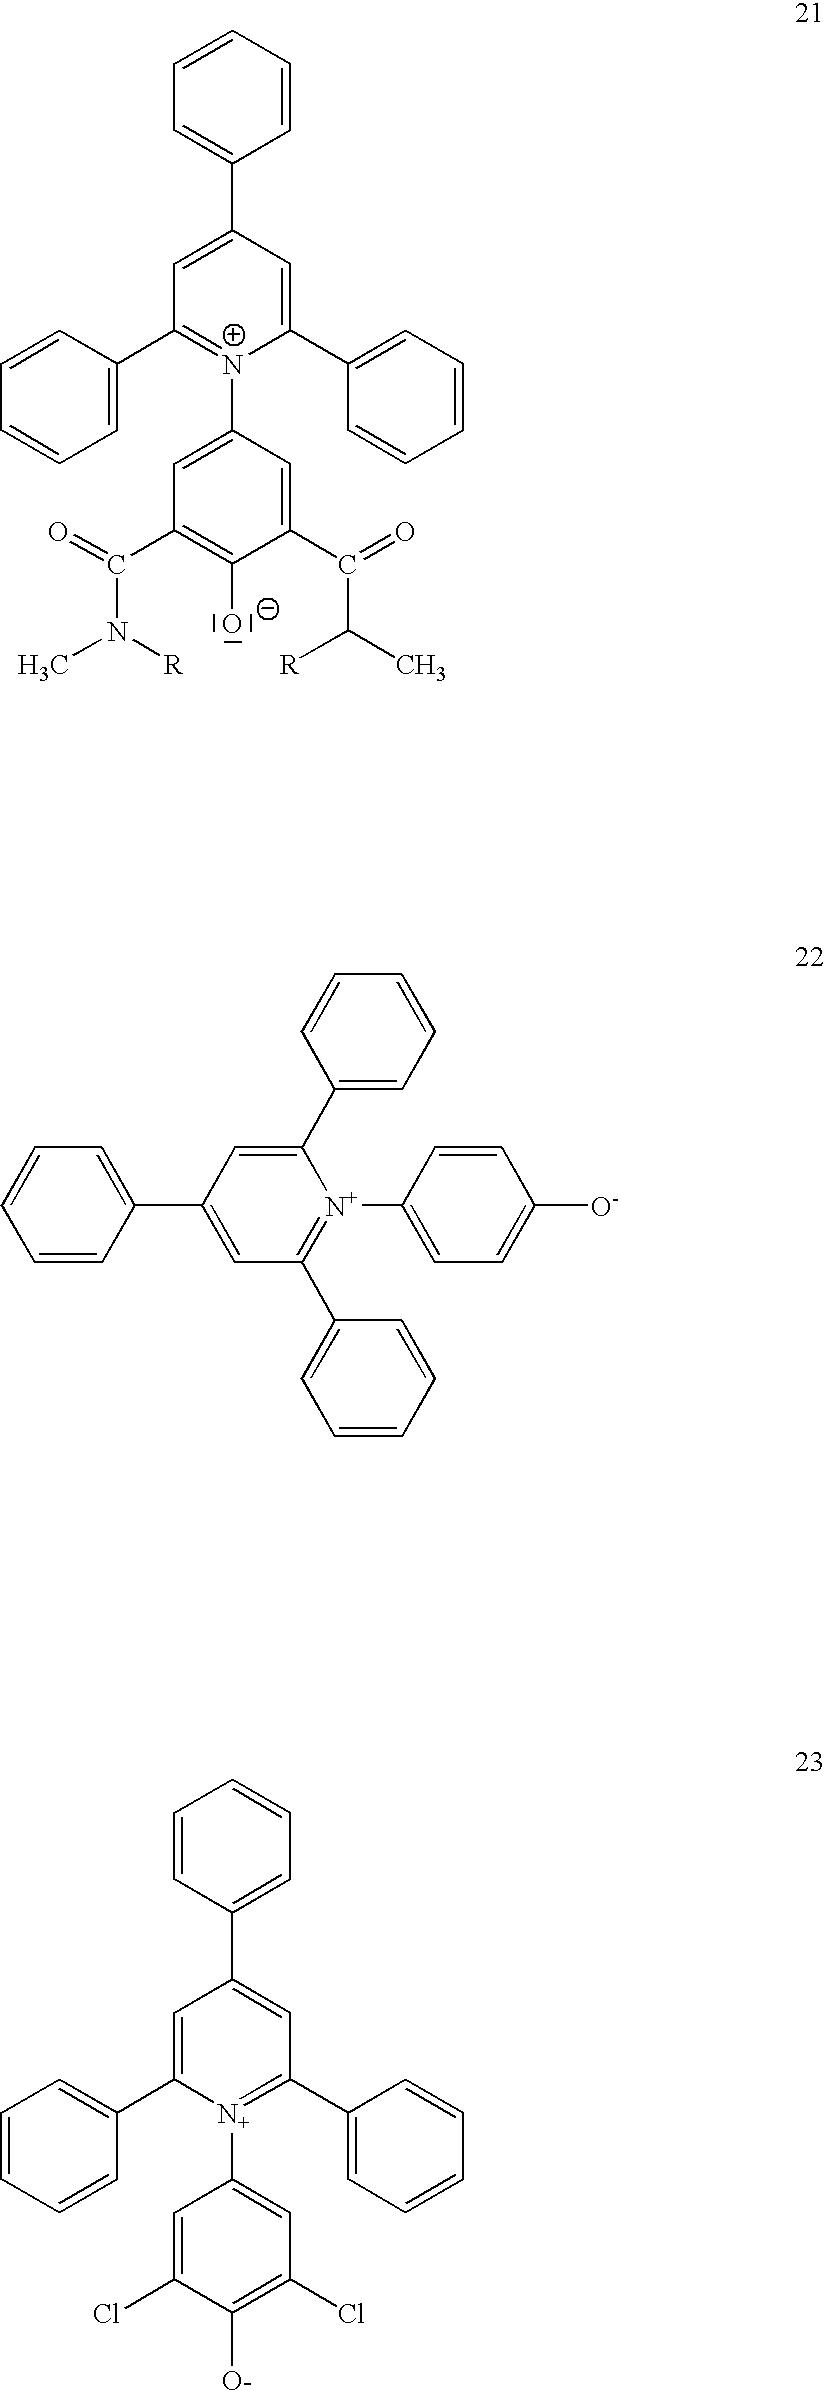 Figure US20070140971A1-20070621-C00011